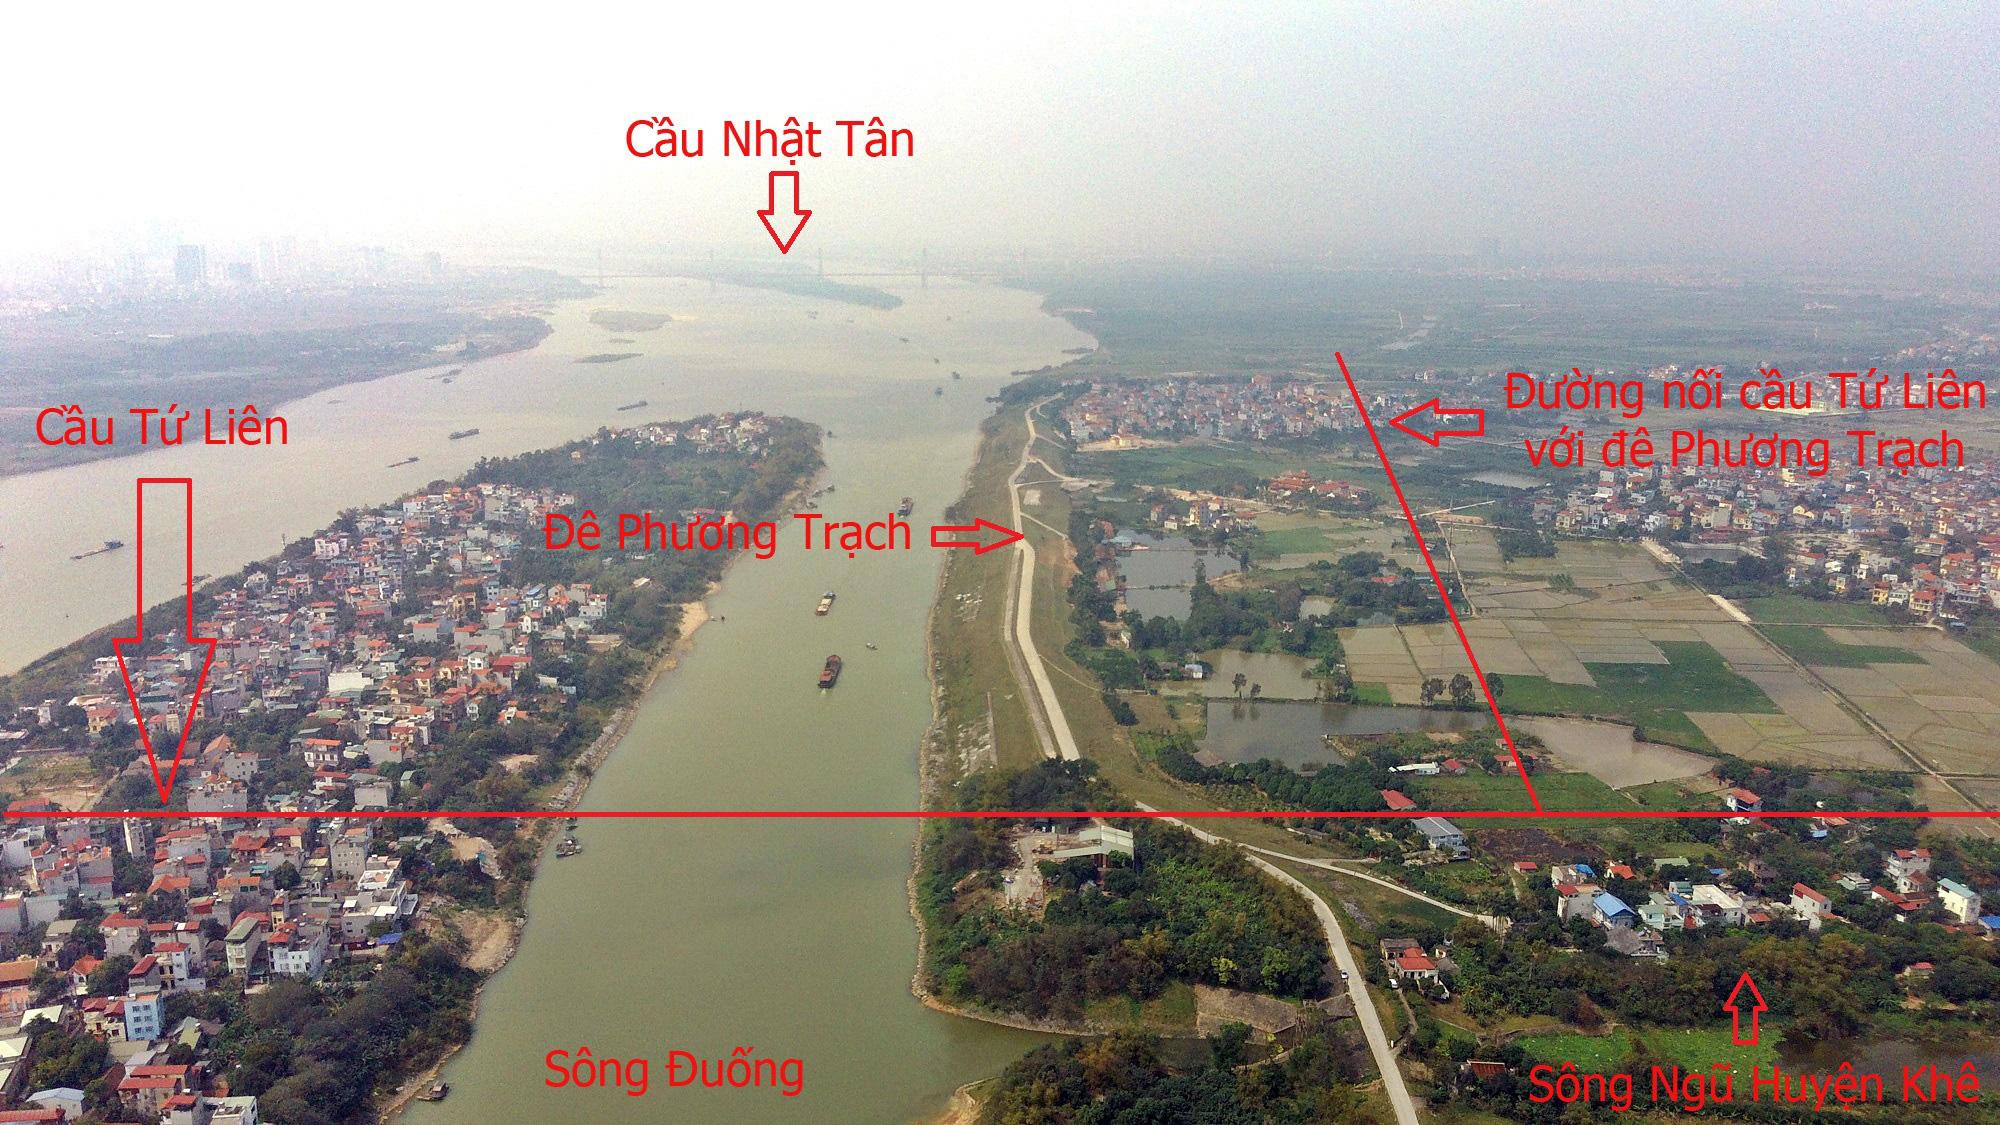 Cầu sẽ mở theo qui hoạch: Toàn cảnh cầu Tứ Liên nối hồ Tây với Đông Anh - Ảnh 4.